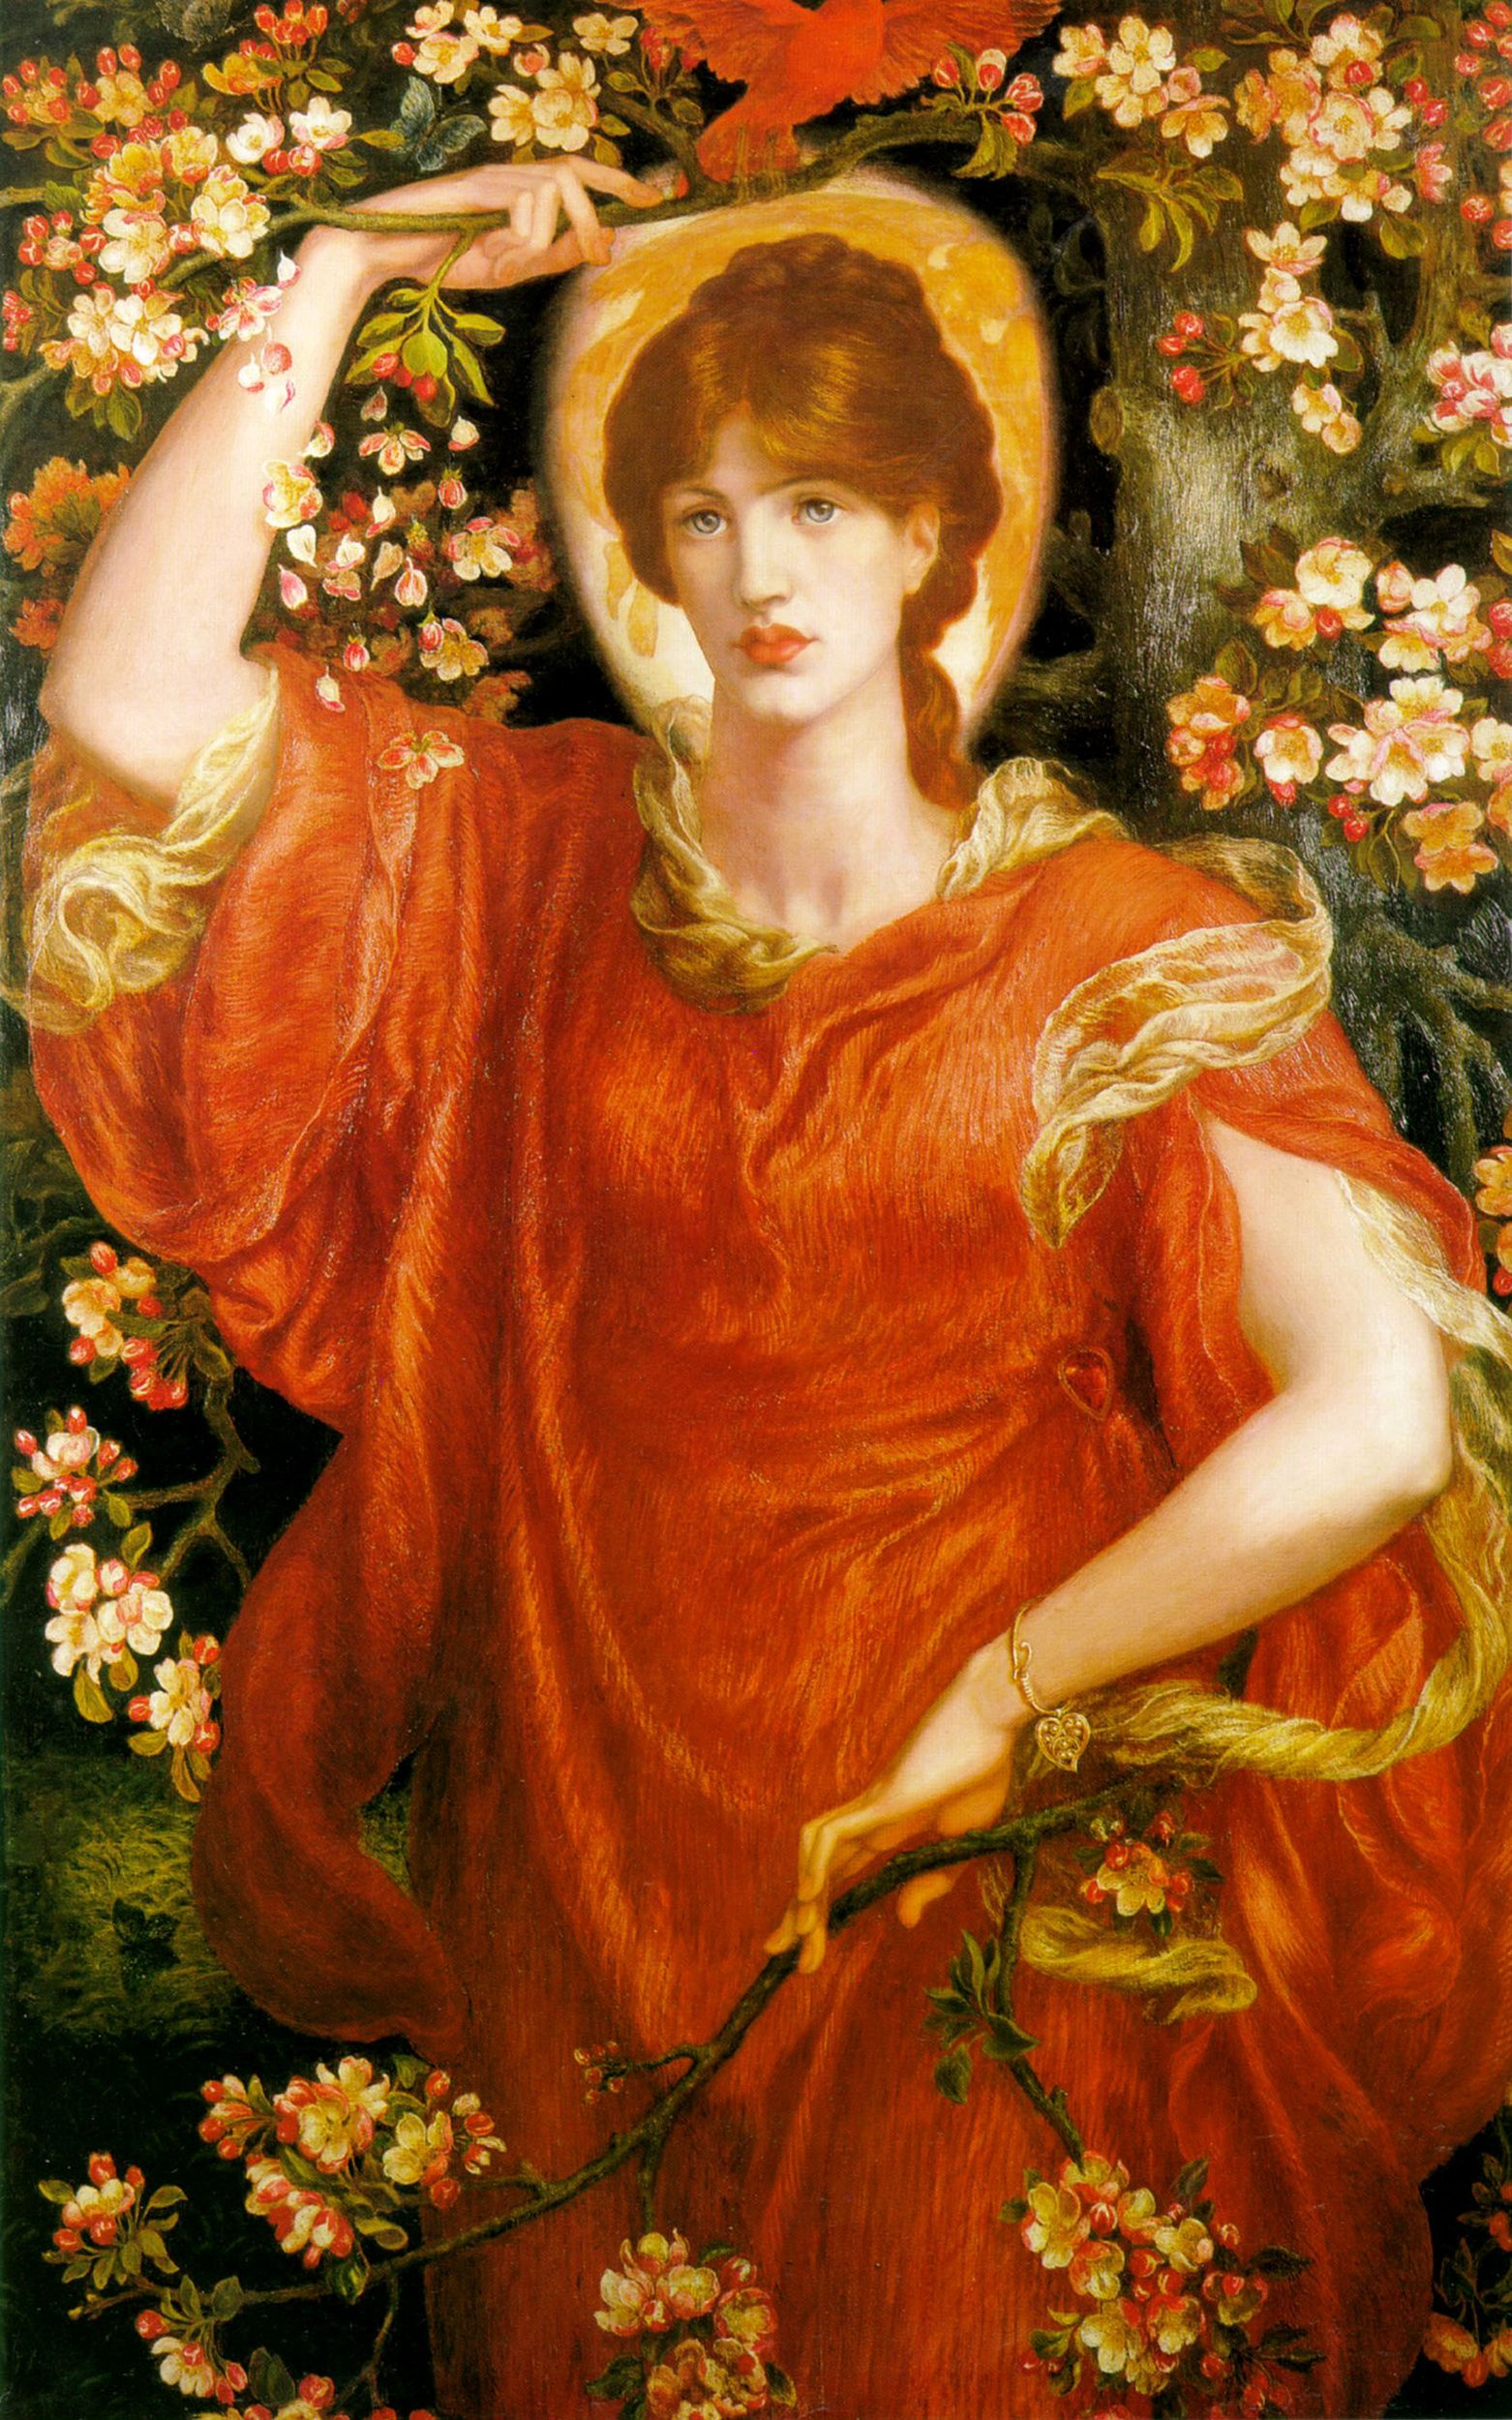 Dante Gabriel Rossetti (1828-1882)  A Vision of Fiammetta  Oil on canvas, 1878